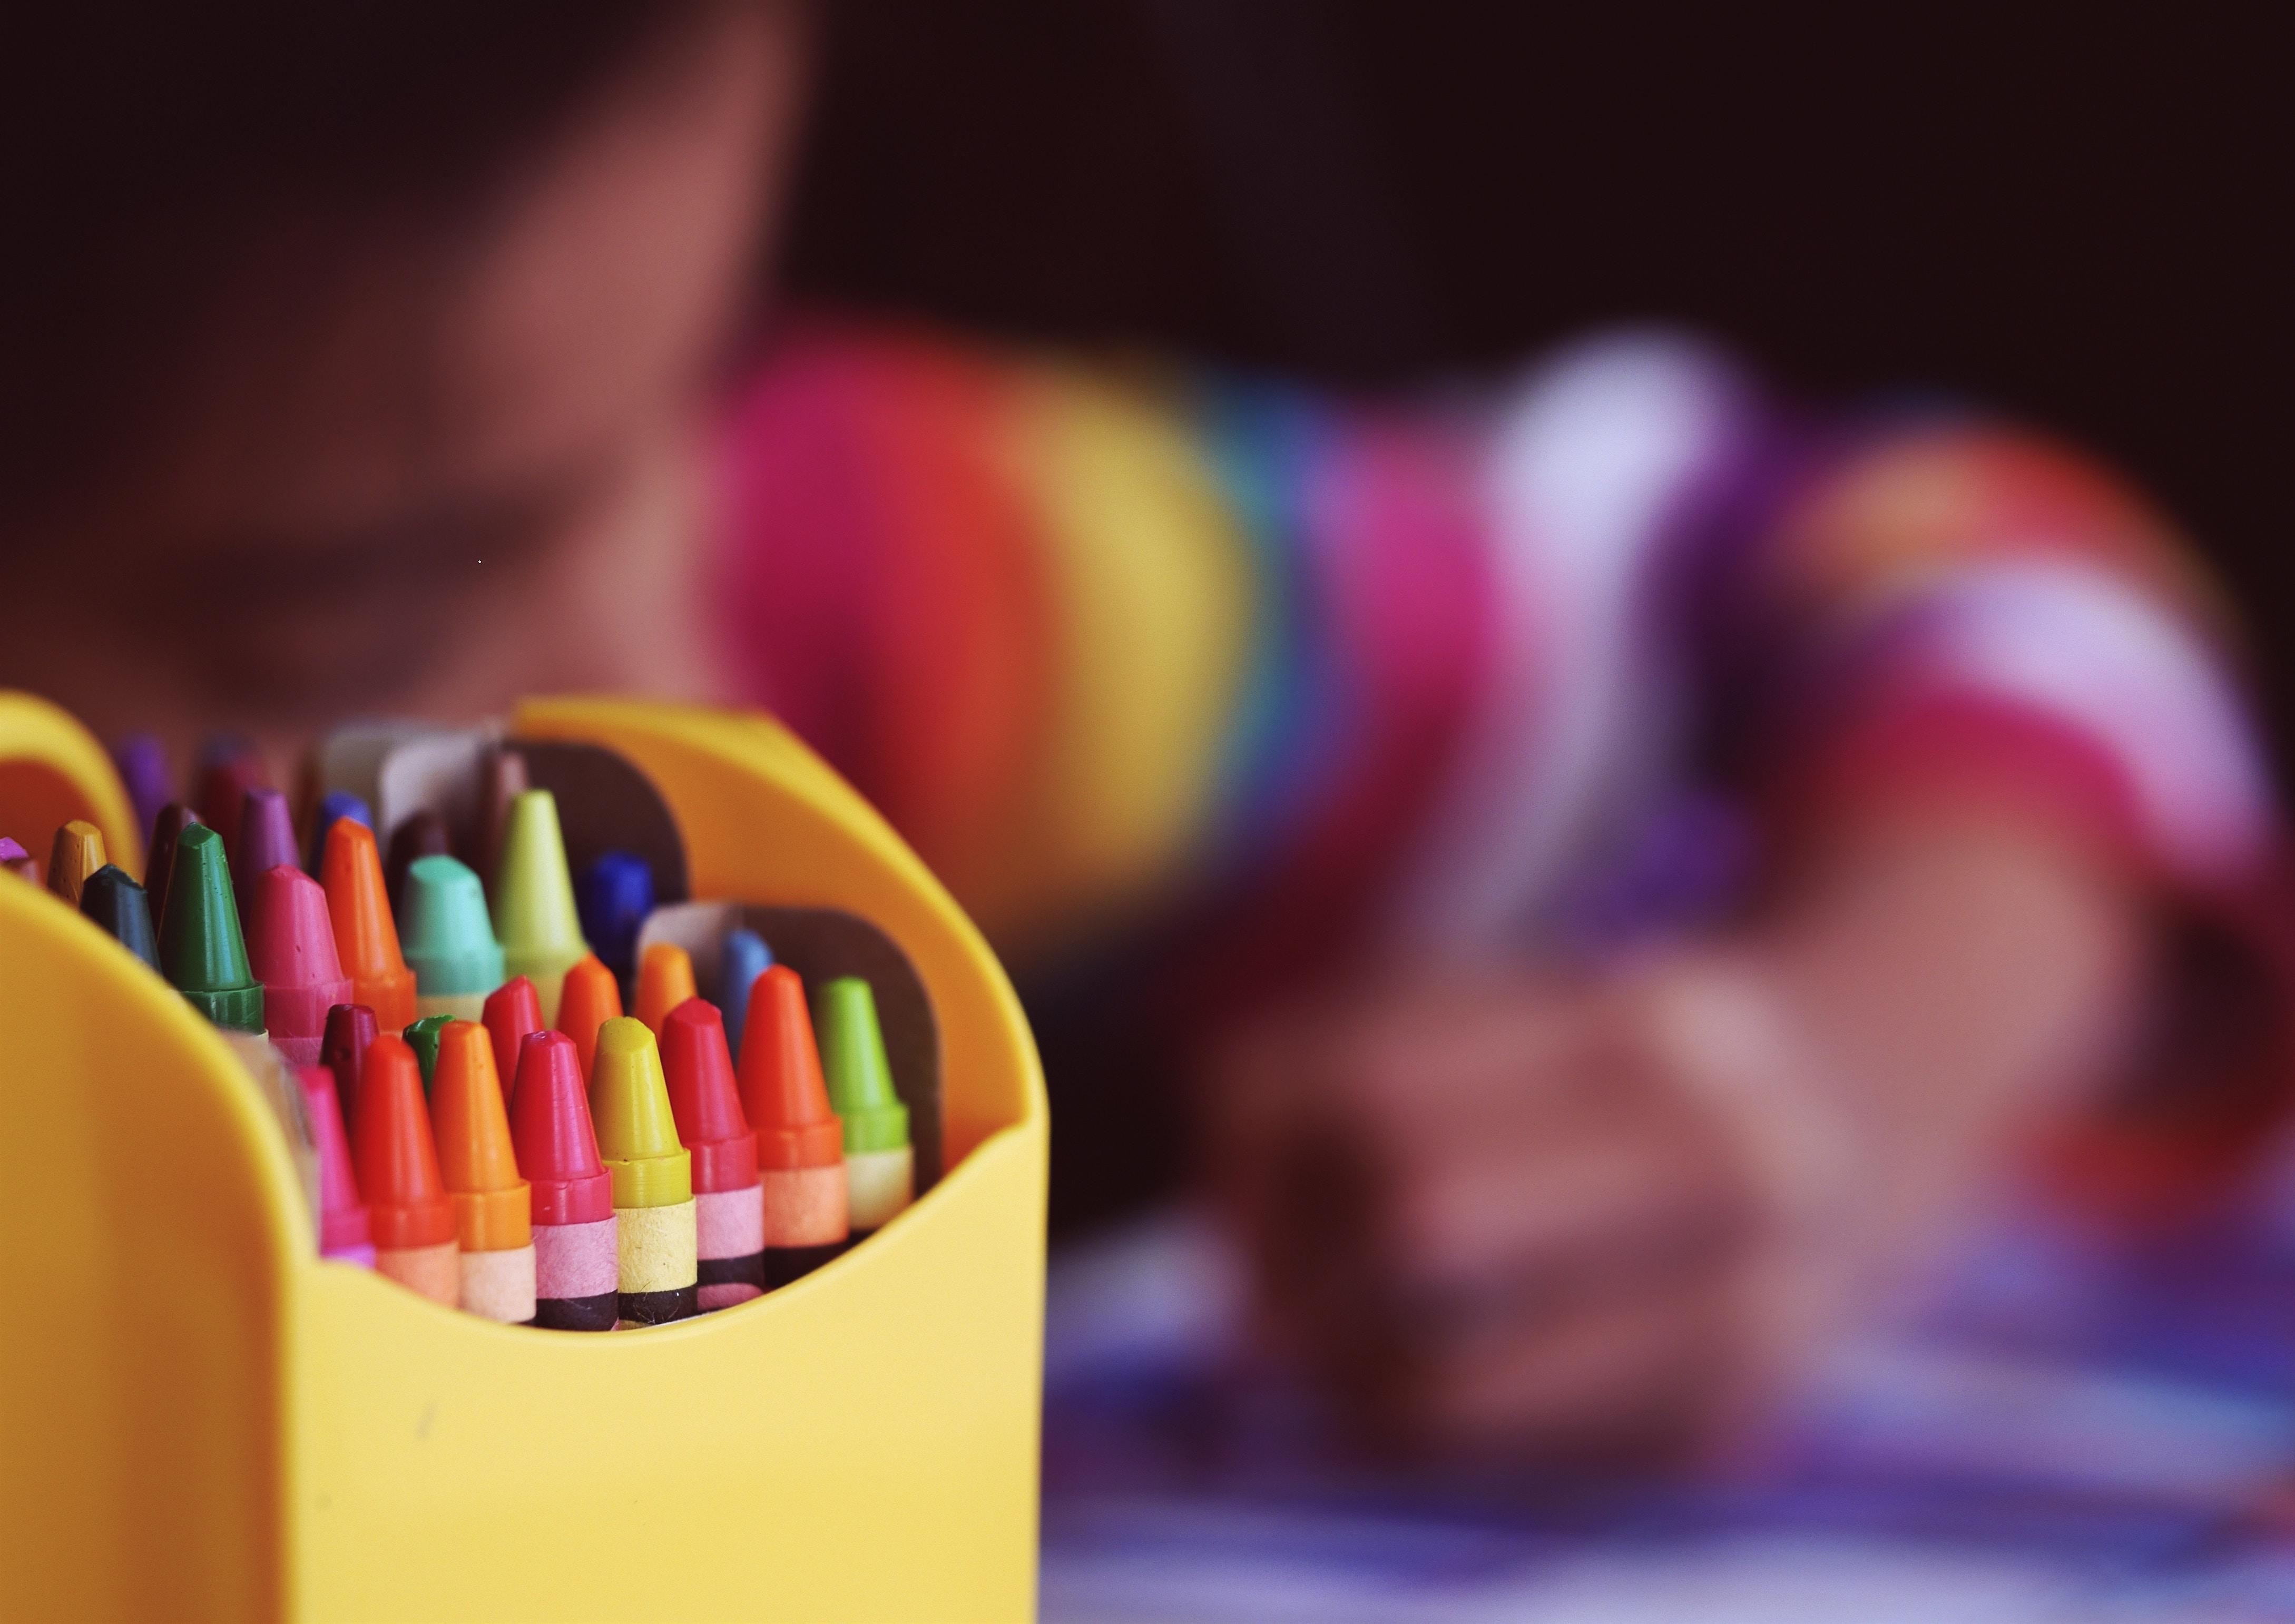 Ha que conocer las diferentes etapas en el desarrollo de un niño para llevar acabo una crianza de los hijos adecuada. Estas son algunas de ellas.